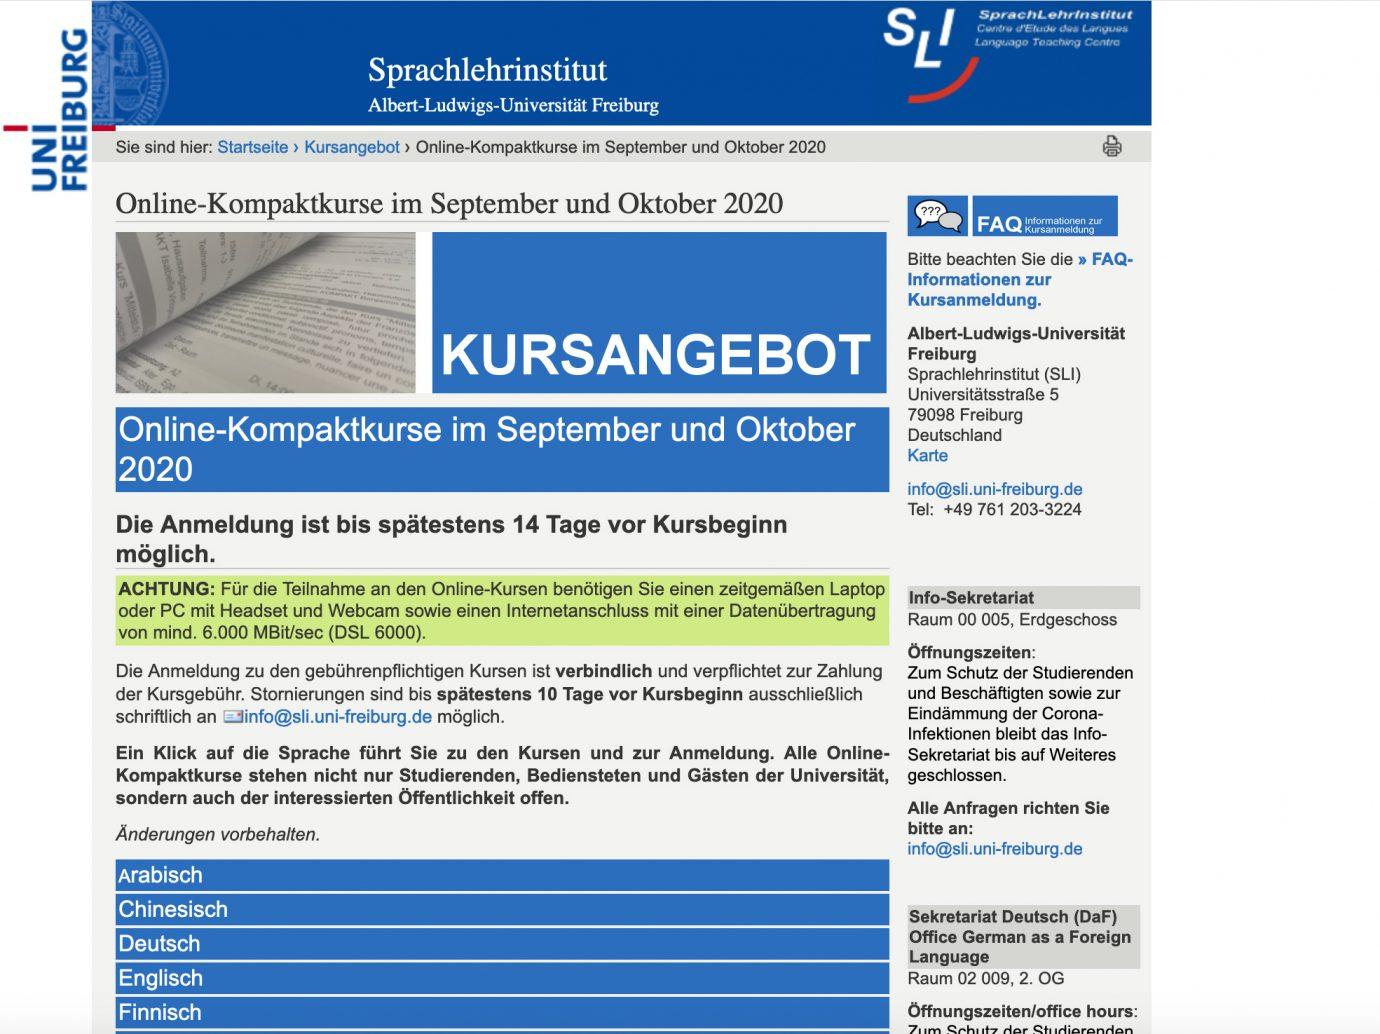 Online-Kurse am Sprachlehrinsitut